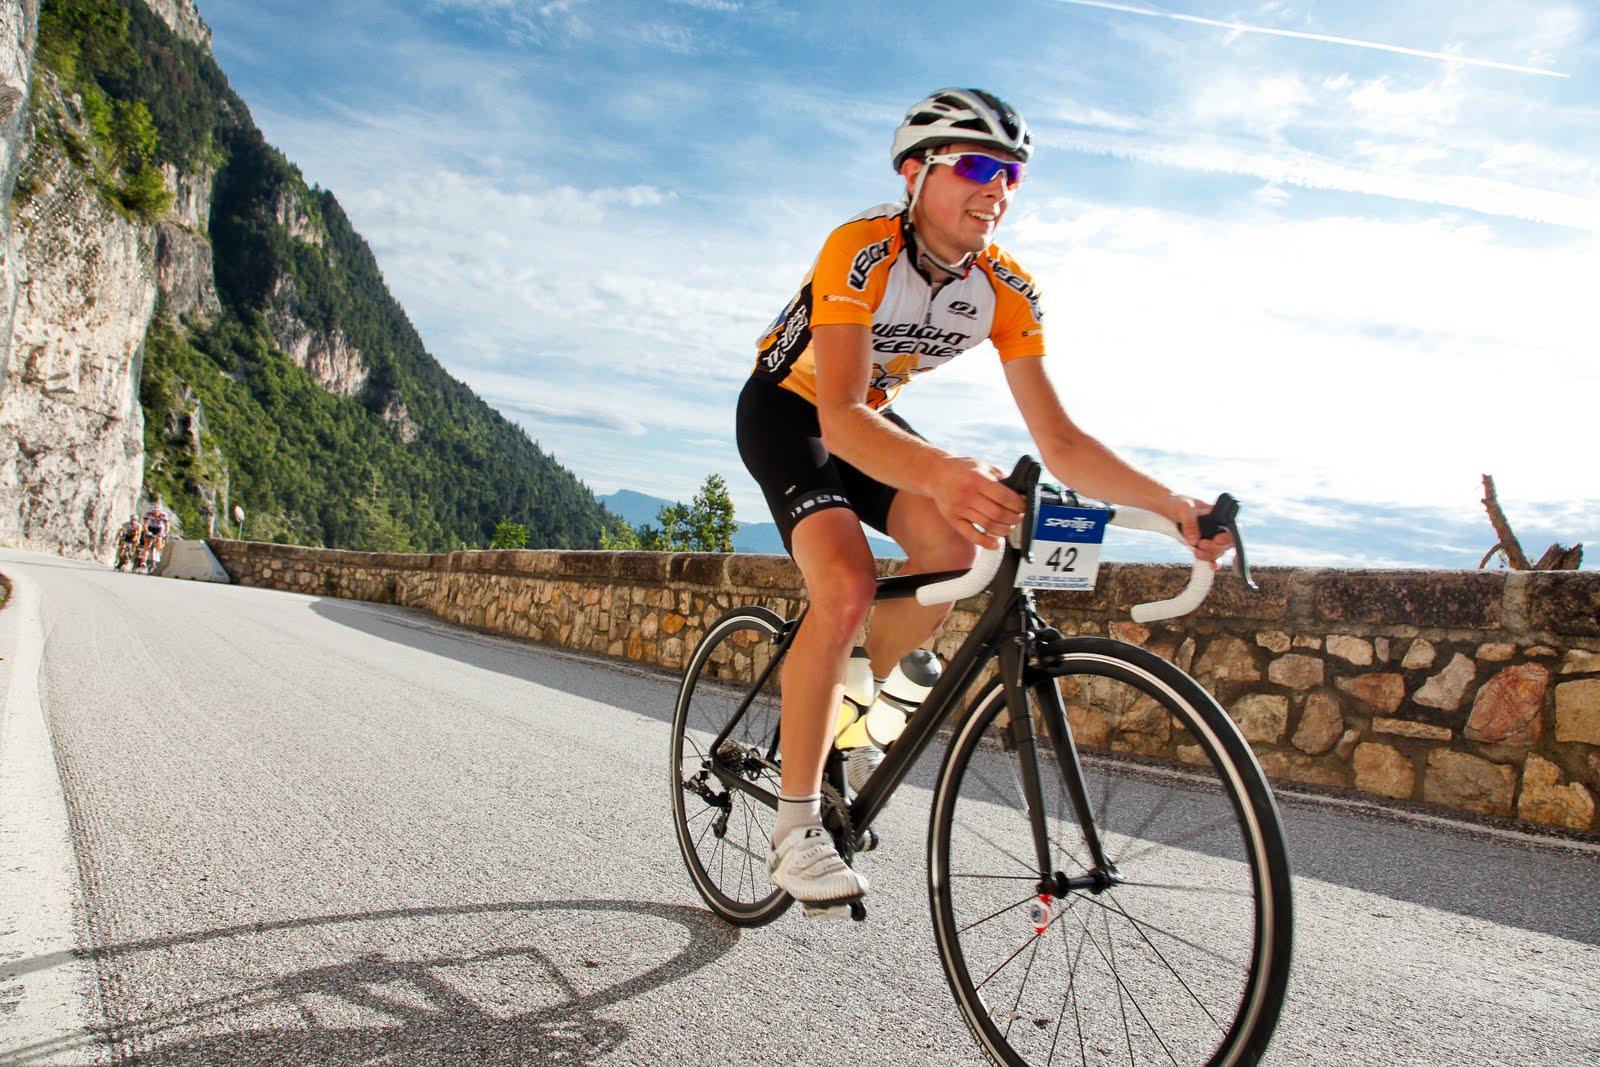 Велосипедная экипировка будет полезна не только проффесионалам, но и любителям активного отдыха